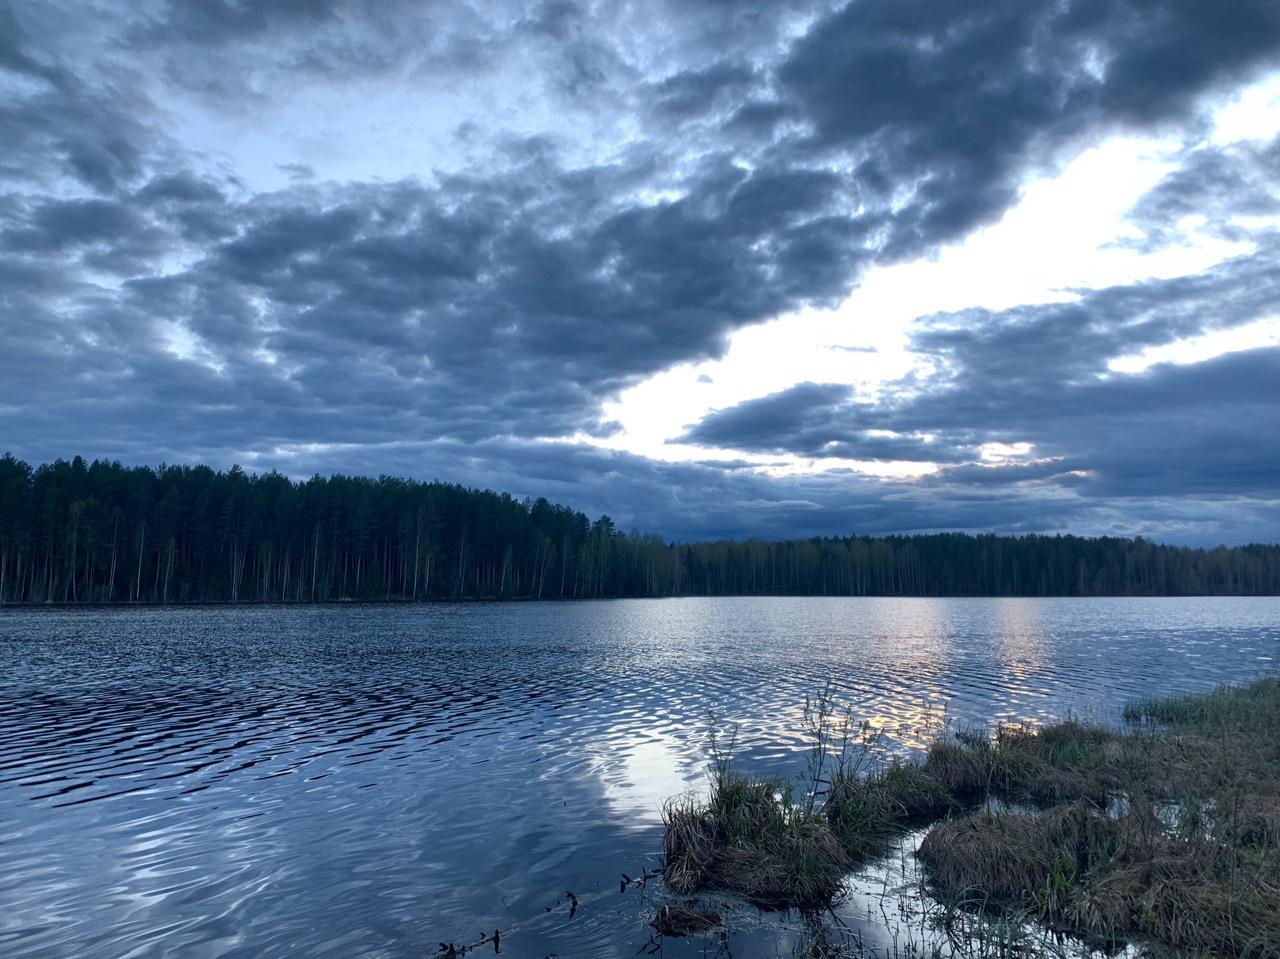 Пасмурно и дождливо: прогноз погоды на выходные для Кирово-Чепецка